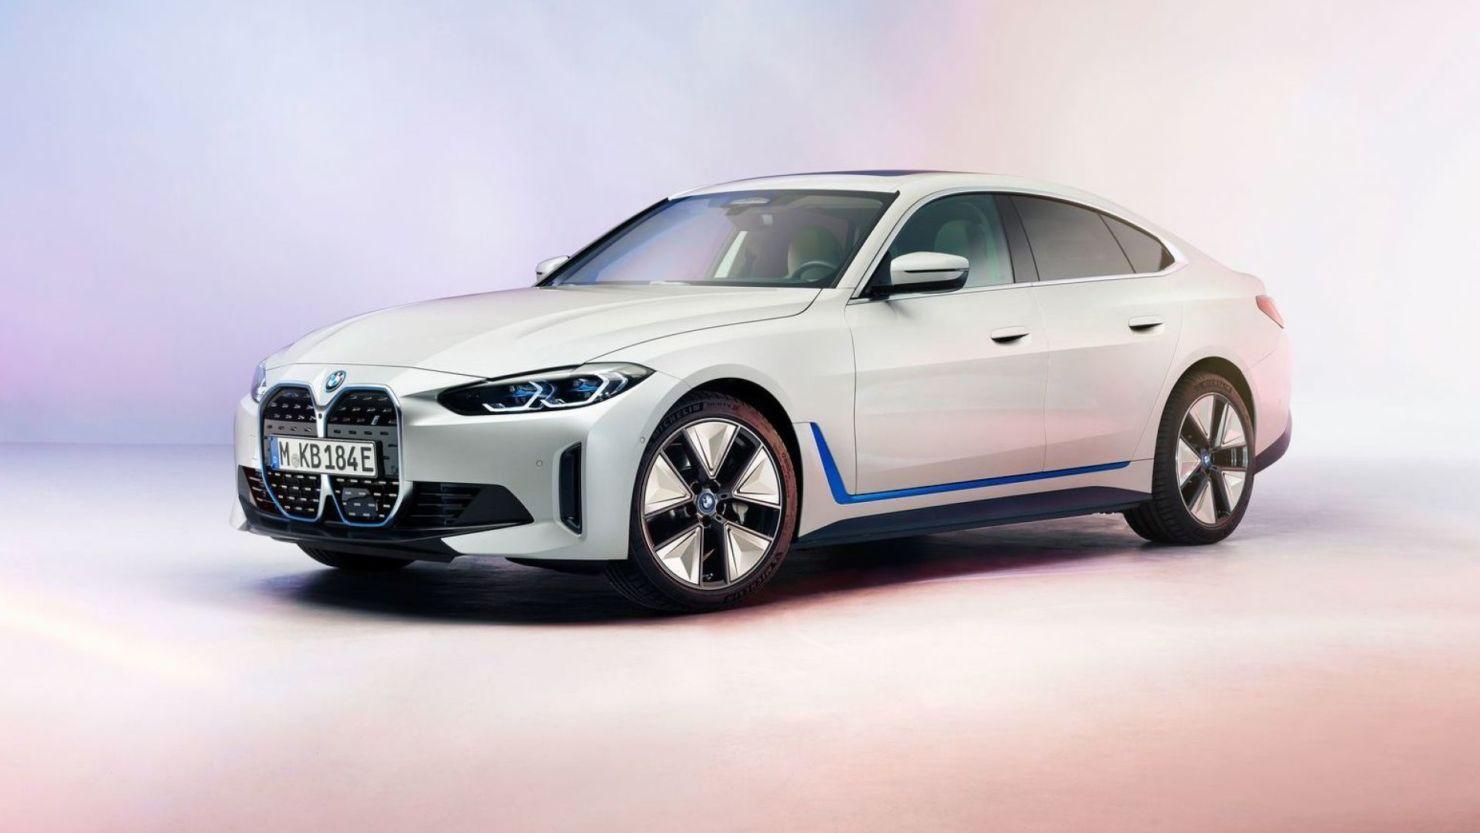 BMW presenta los nuevos modelos eléctricos i4 e iX, los más avanzados de la marca